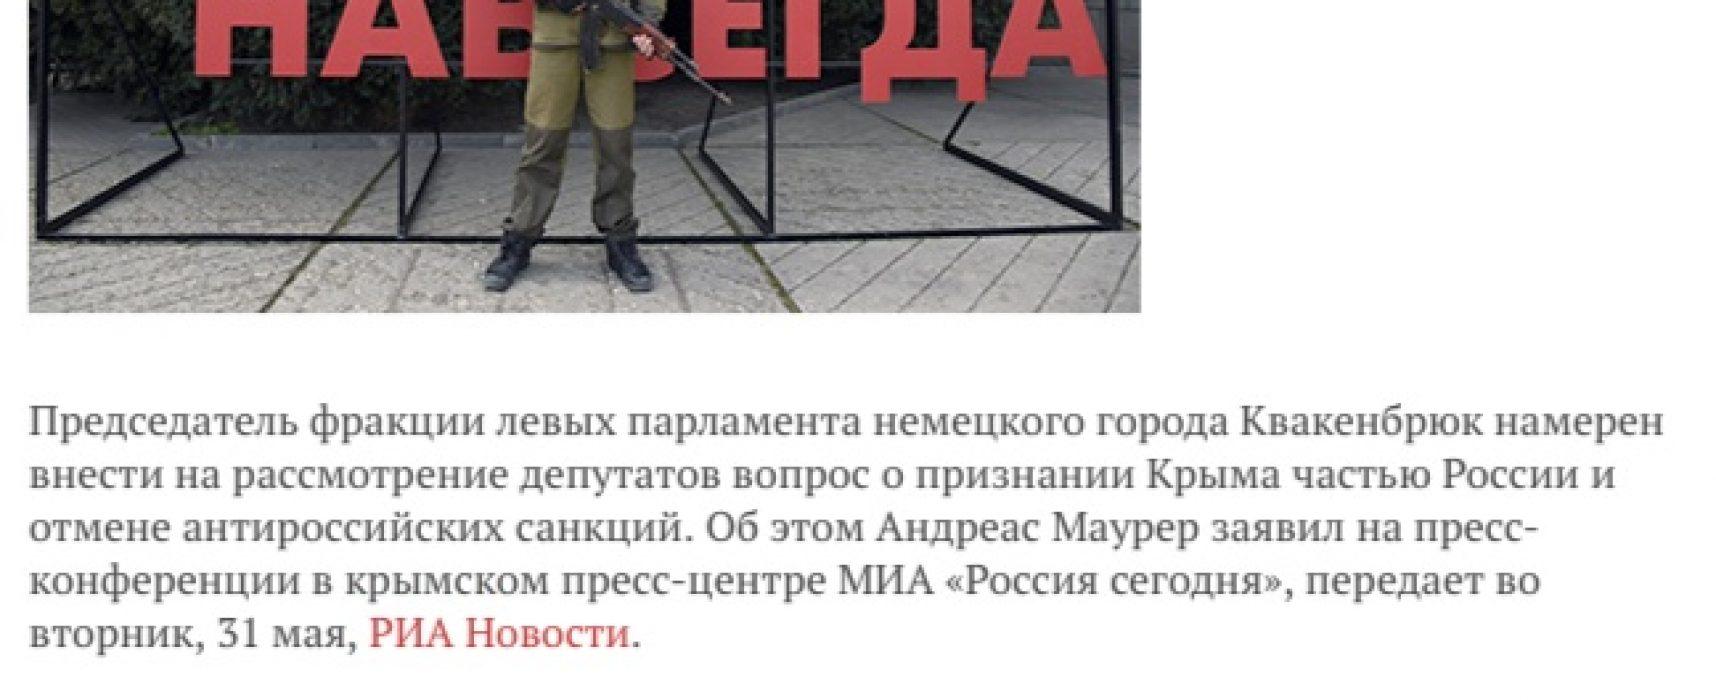 Фейк: Немецкий город Квакенбрюк собирается признать Крым российским